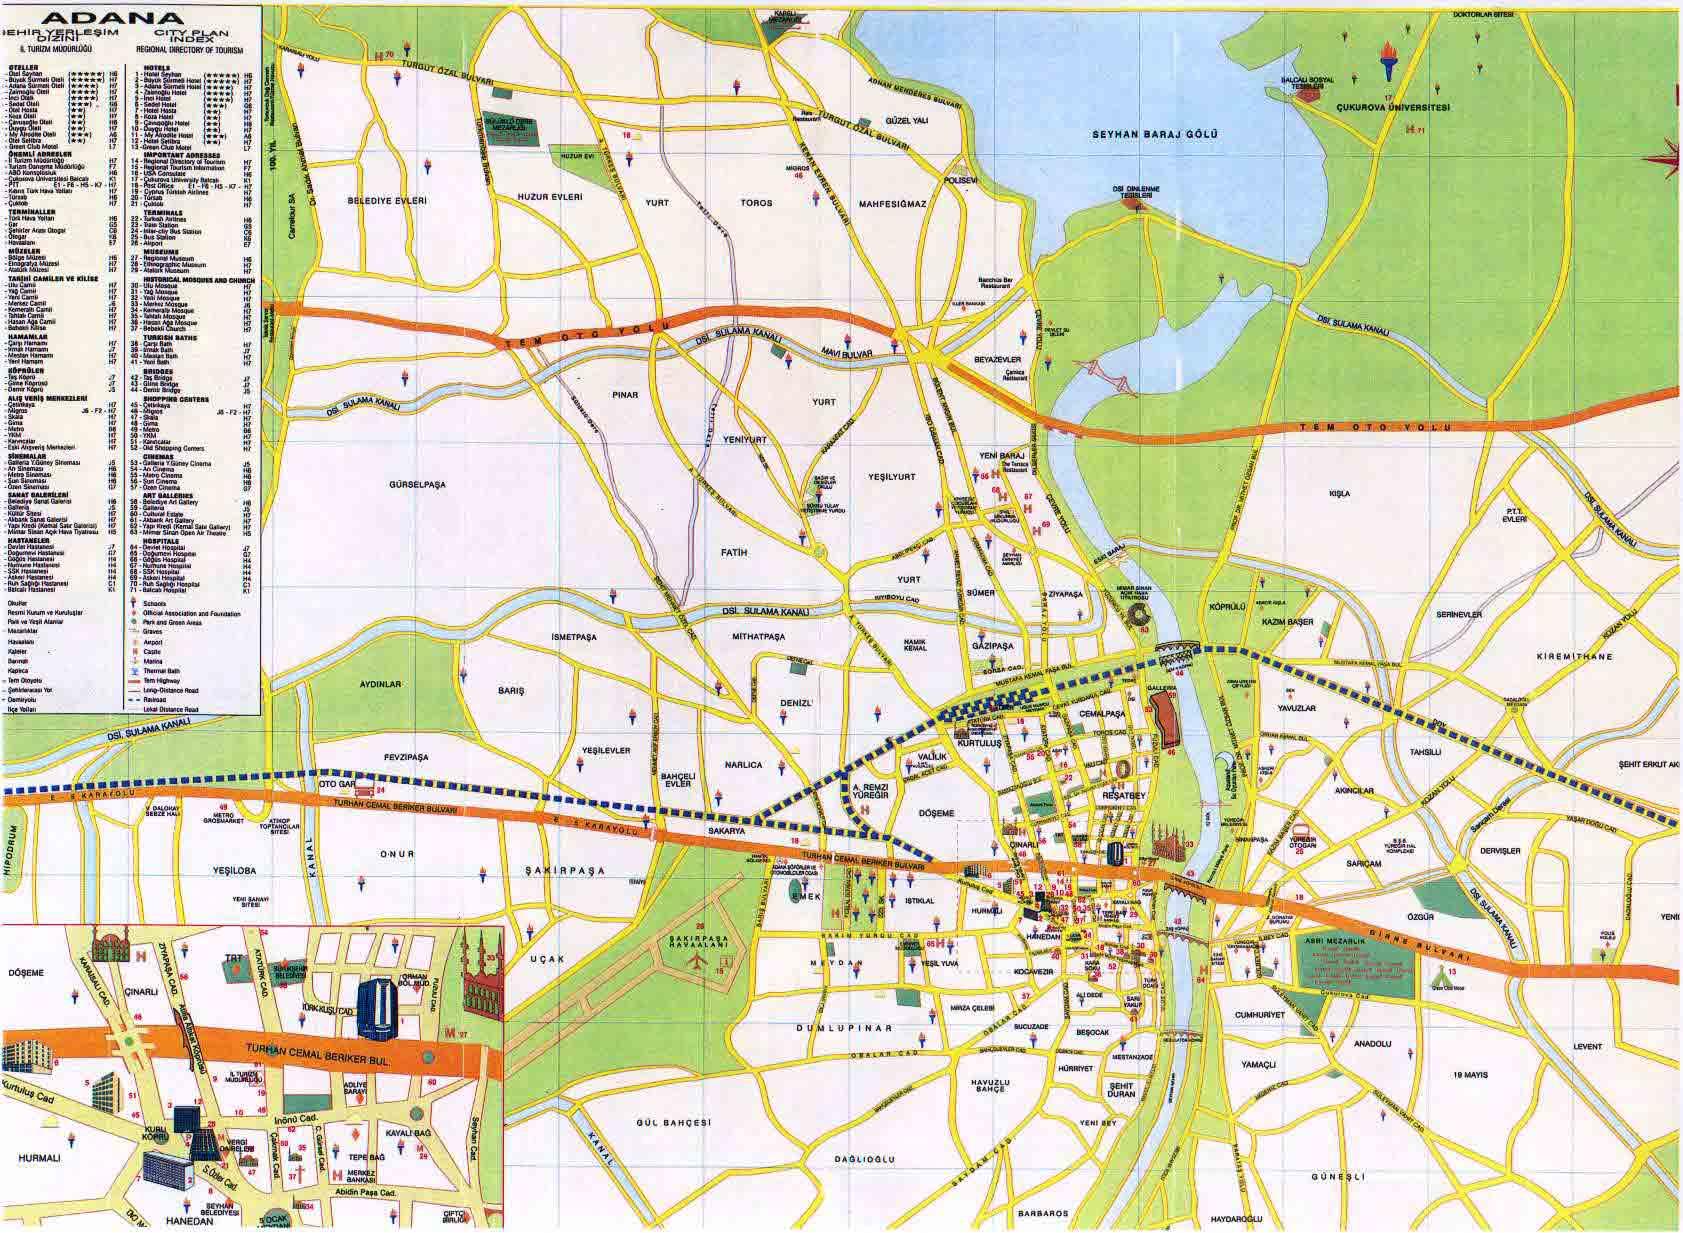 Adana City Map Adana Turkey mappery